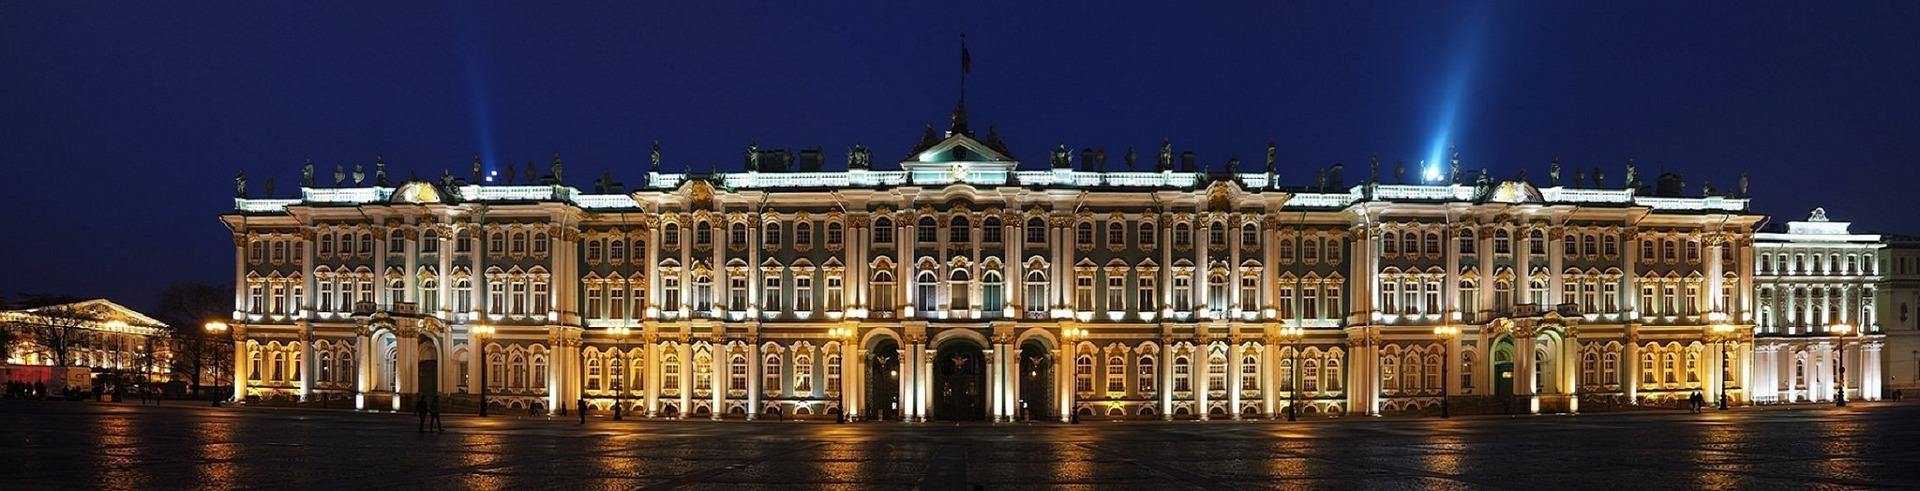 Die staatliche Eremitage in St. Petersburg